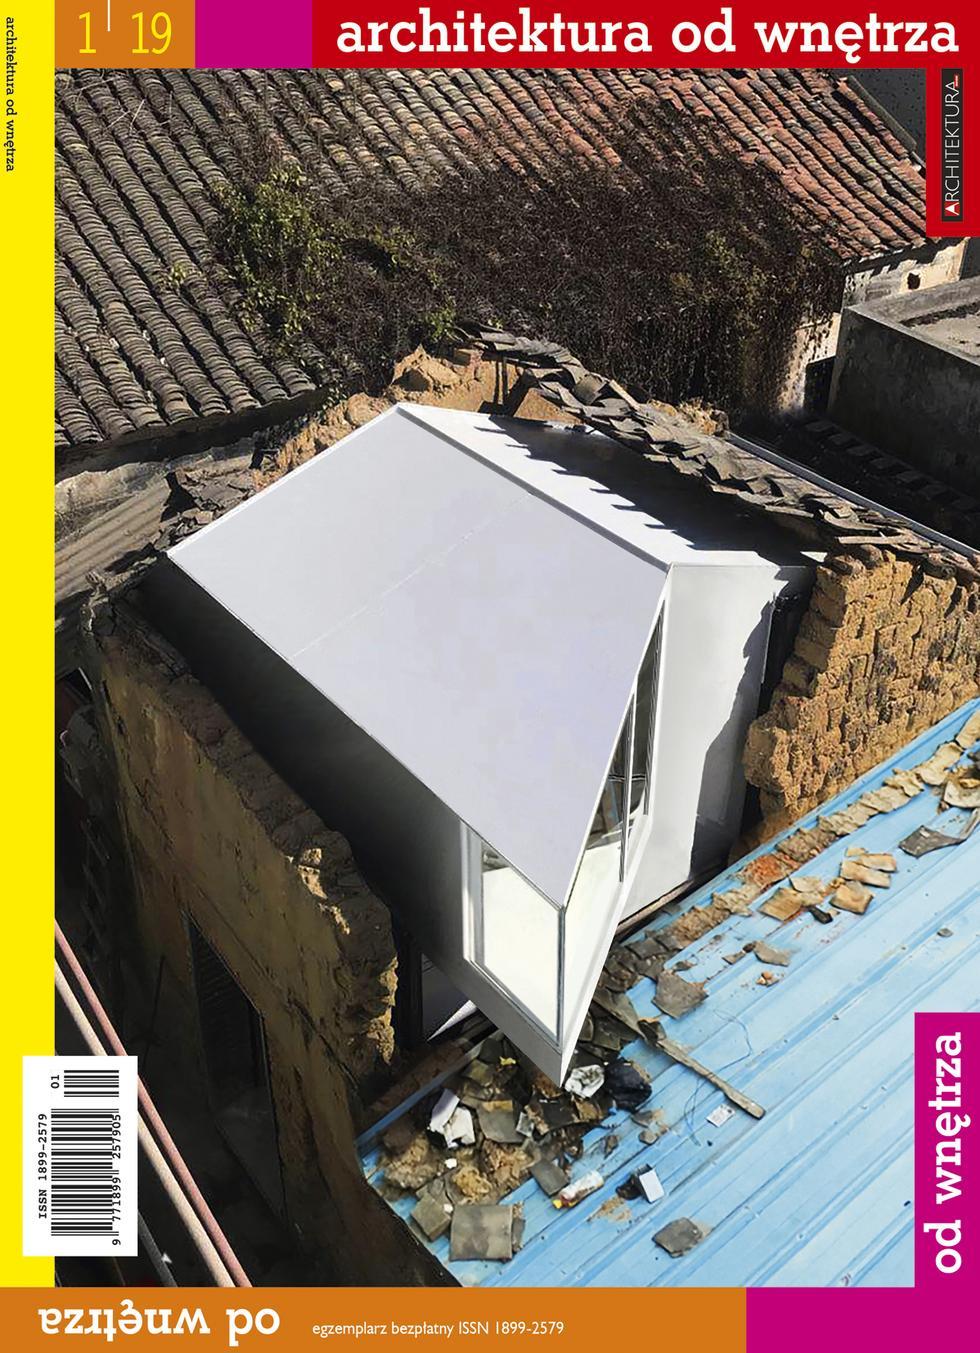 """""""Architektura od wnętrza"""" nr 1/2019. Pobierz bezpłatne e-wydanie!"""